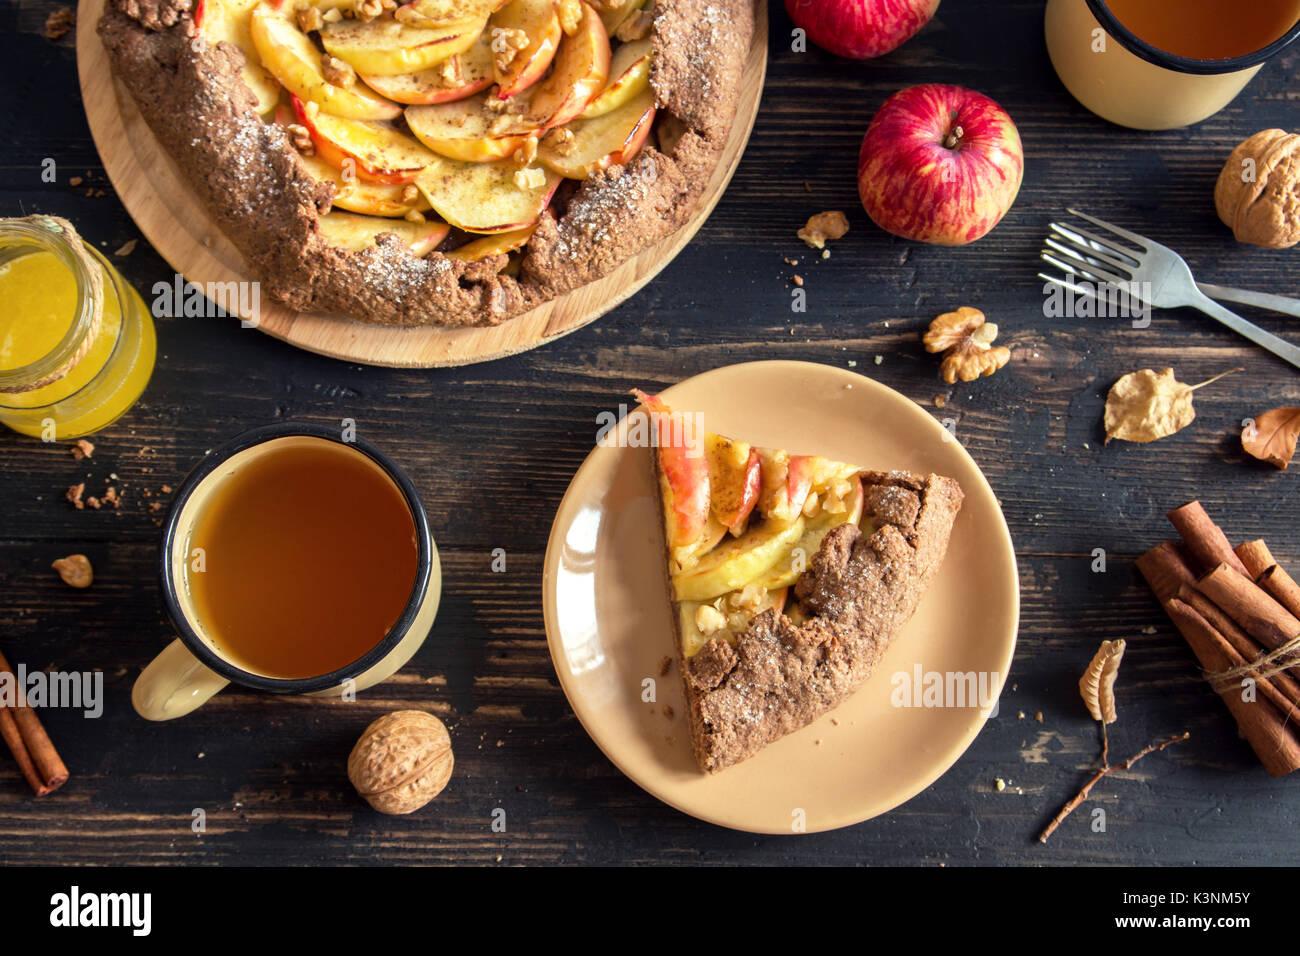 Petit-déjeuner d'automne avec thé et tarte aux pommes. Les aliments biologiques de saison fait maison - galette de pomme avec du miel, noix et cannelle pour le jour d'action de grâce. Photo Stock